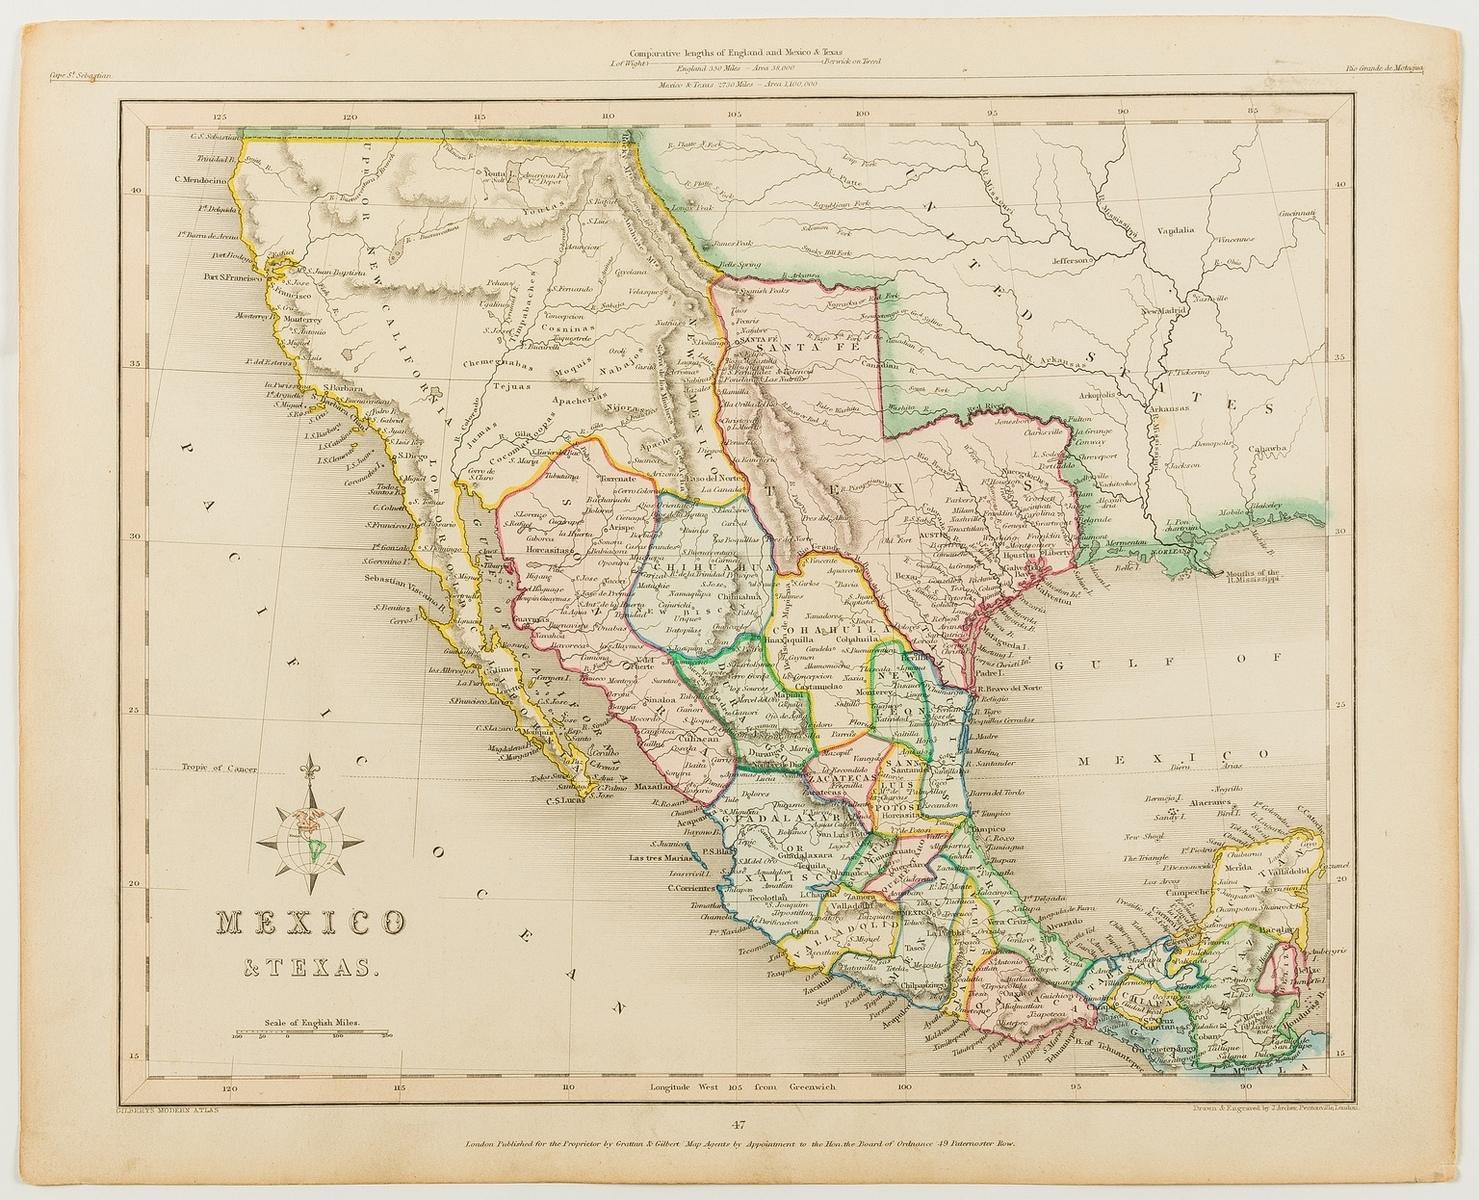 Americas.- Gilbert (James) Mexico & Texas, [c. 1845].